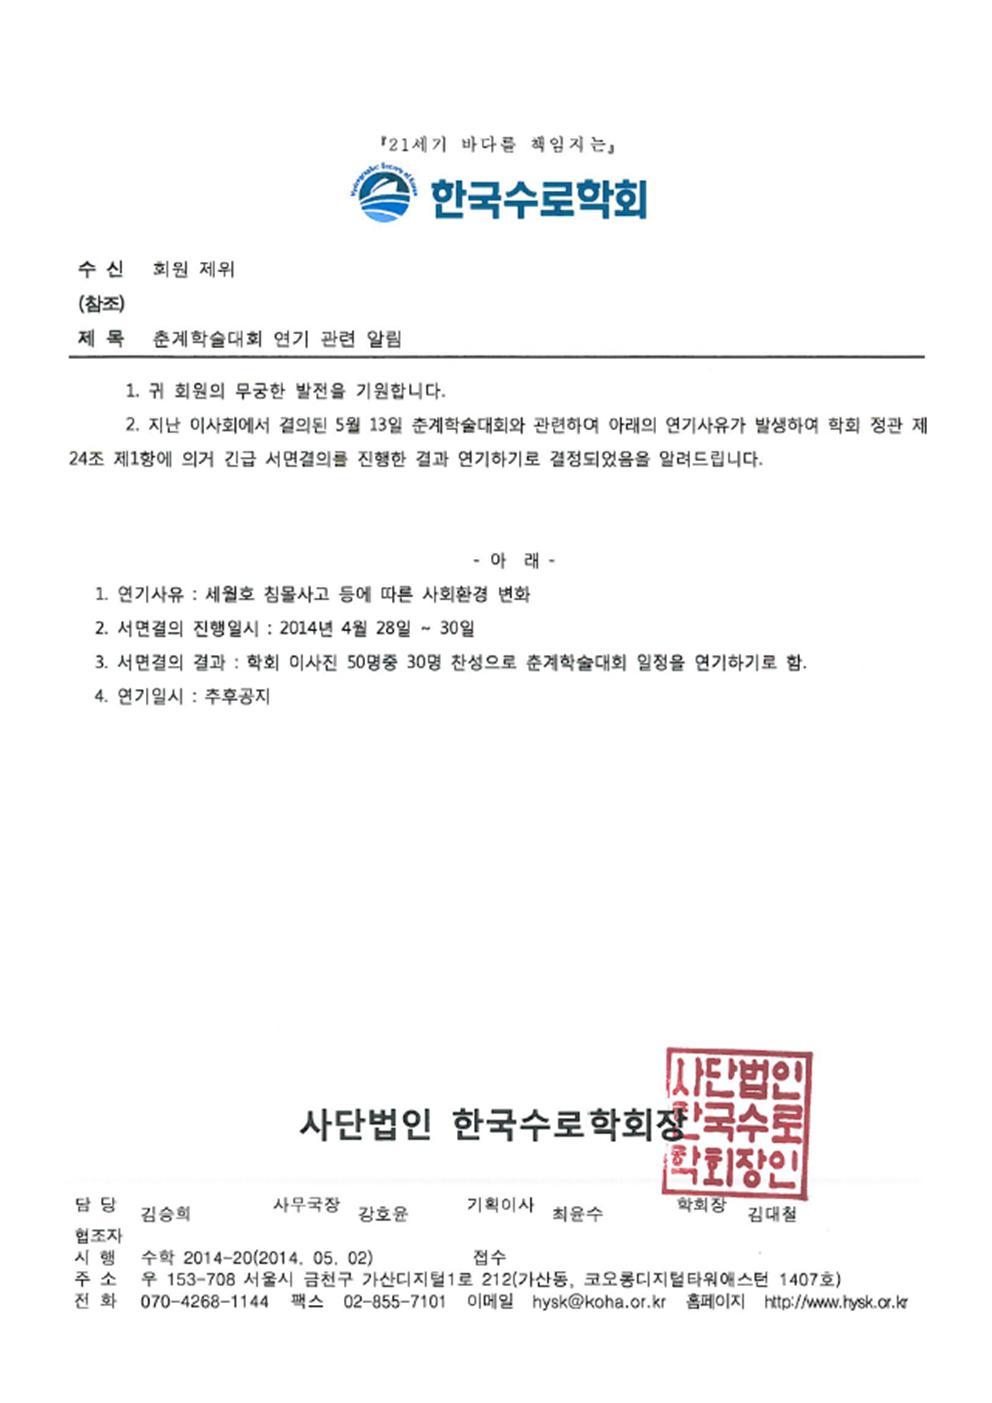 춘계학술대회 일정 연기001.jpg